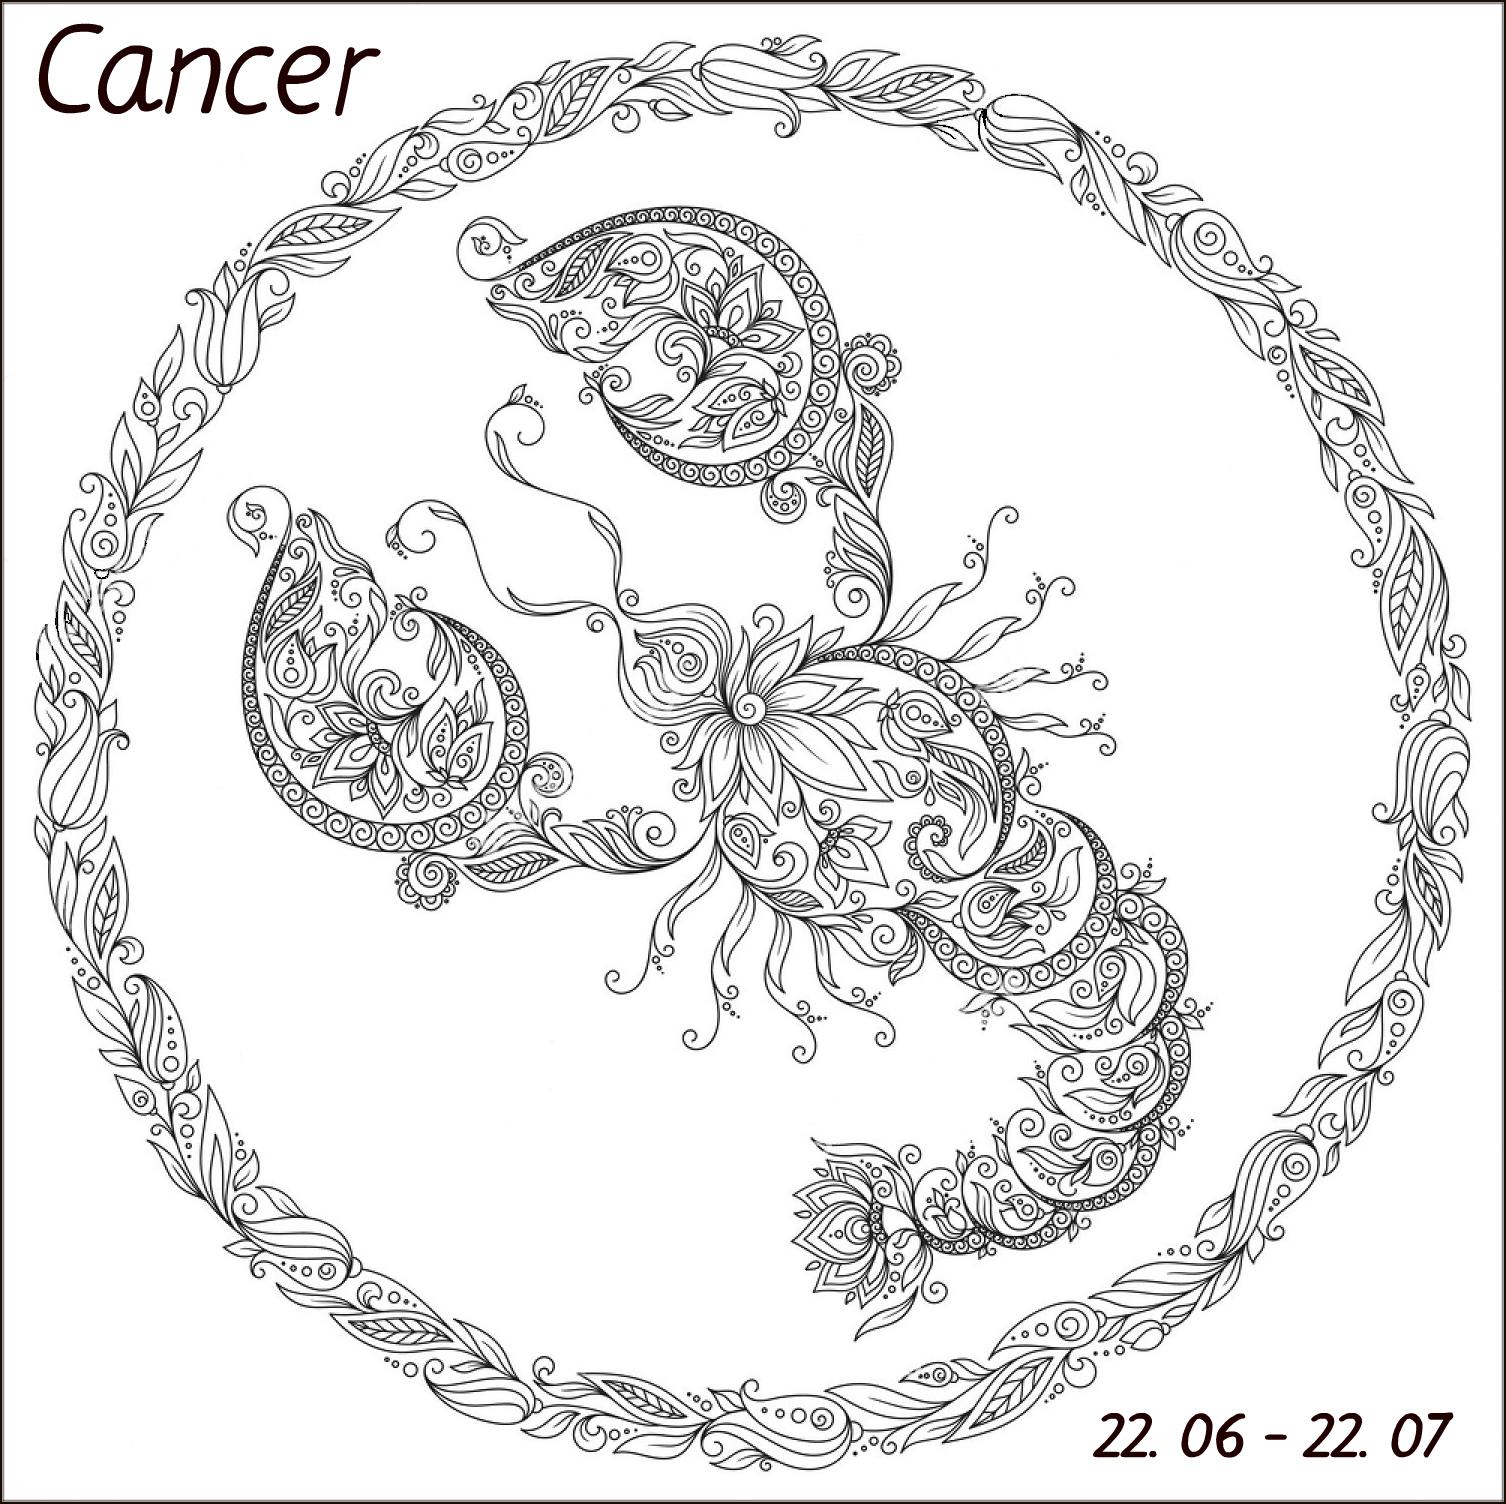 рак 1